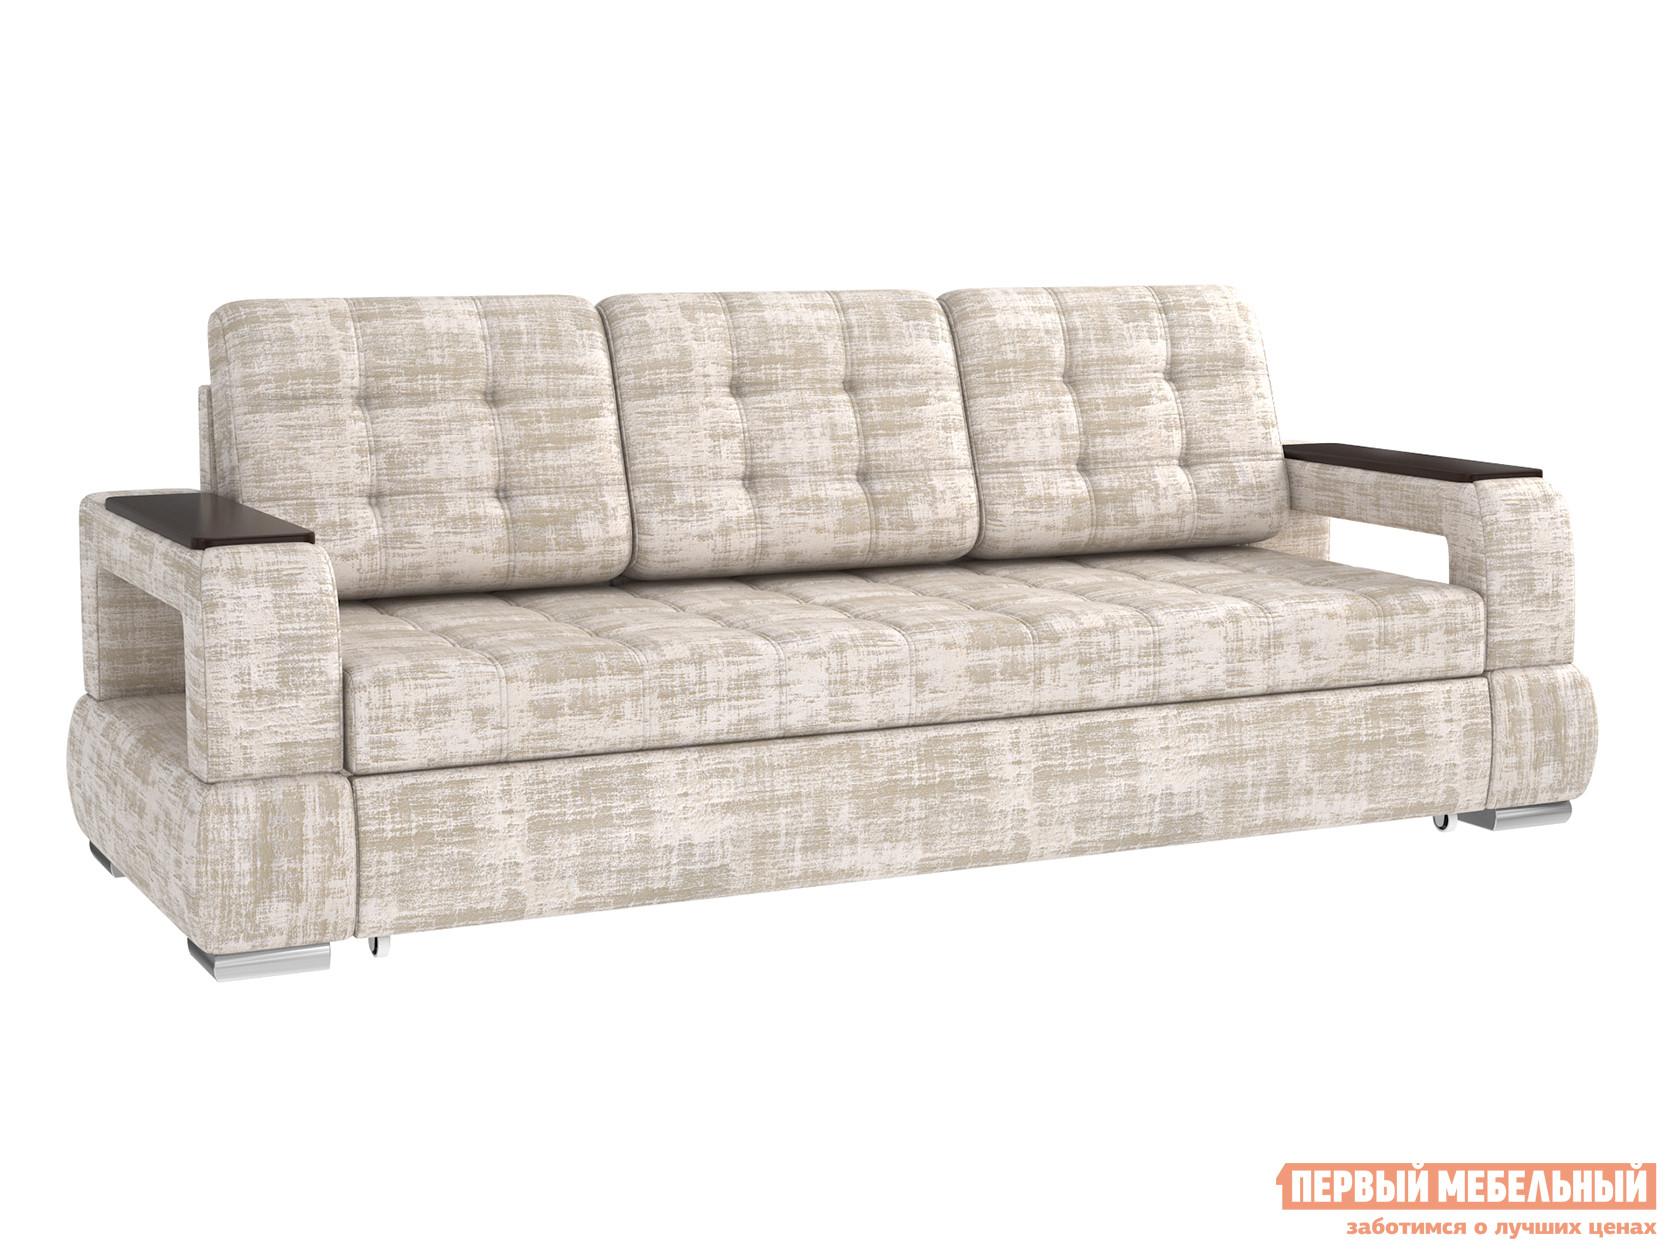 Прямой диван Первый Мебельный Виктория Люкс цена